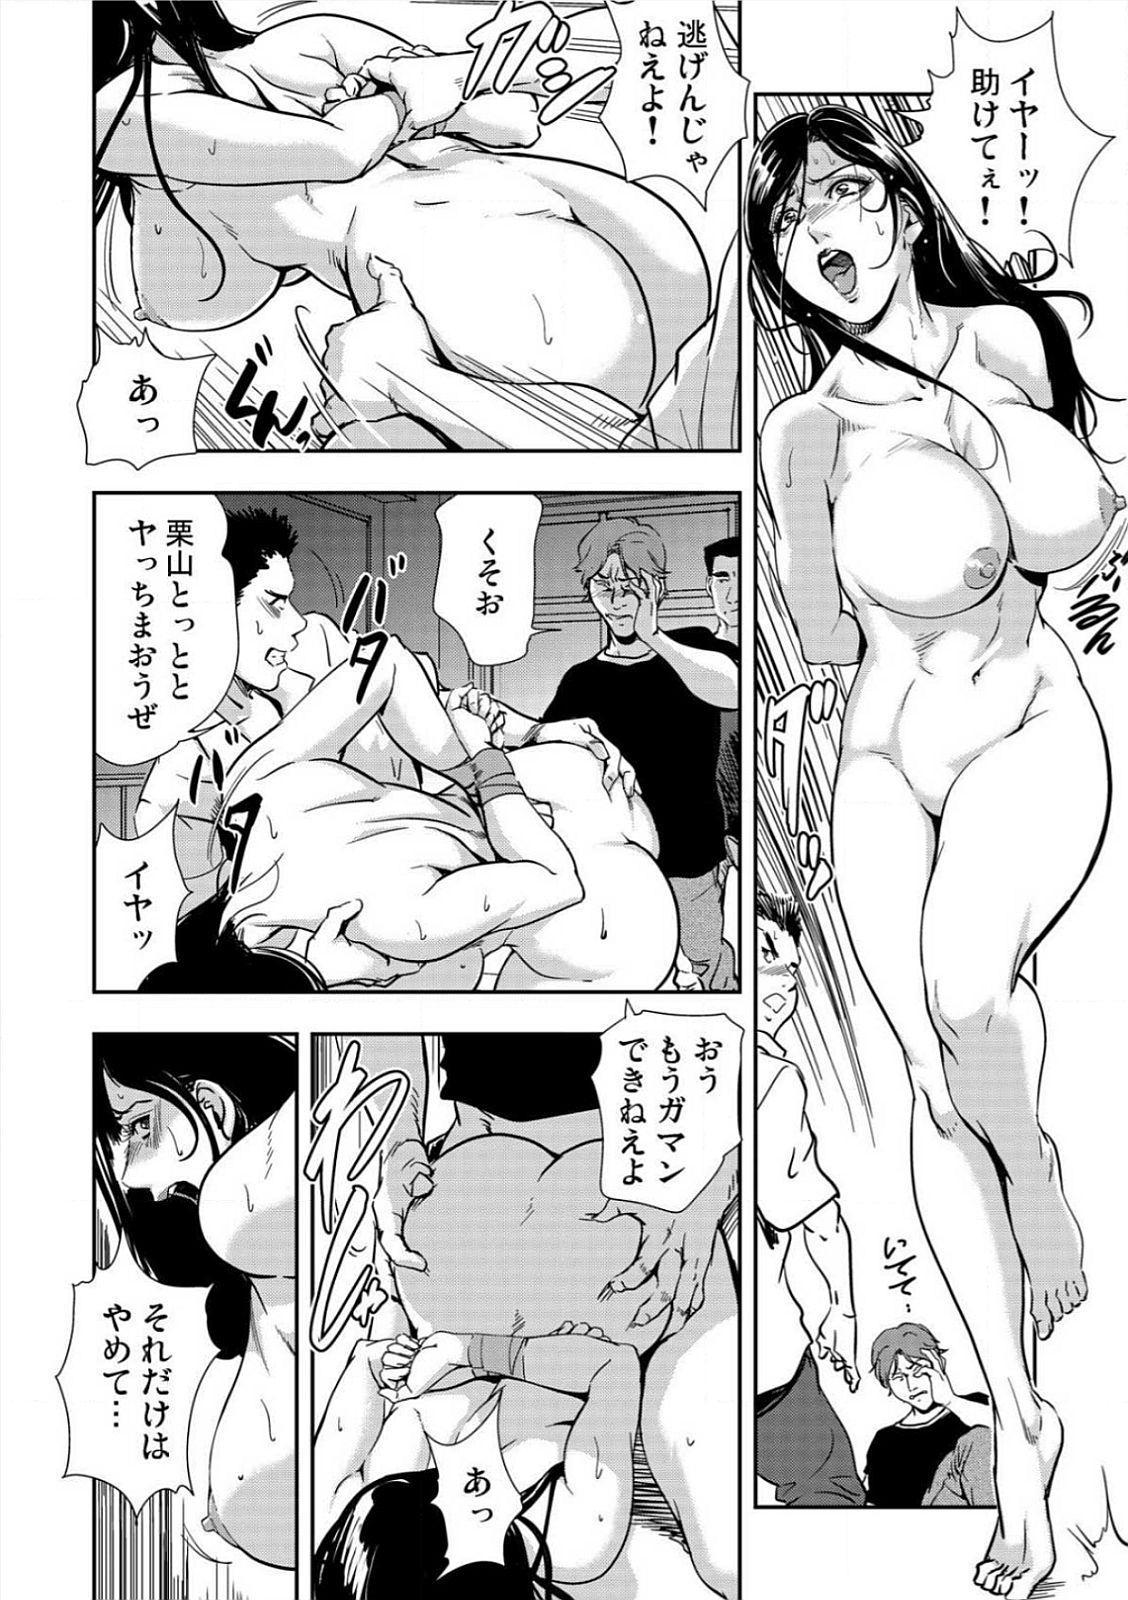 [Misaki Yukihiro] Kyousei Shidou ~Mechakucha ni Kegasarete~ (1)~(6) [Digital] 19